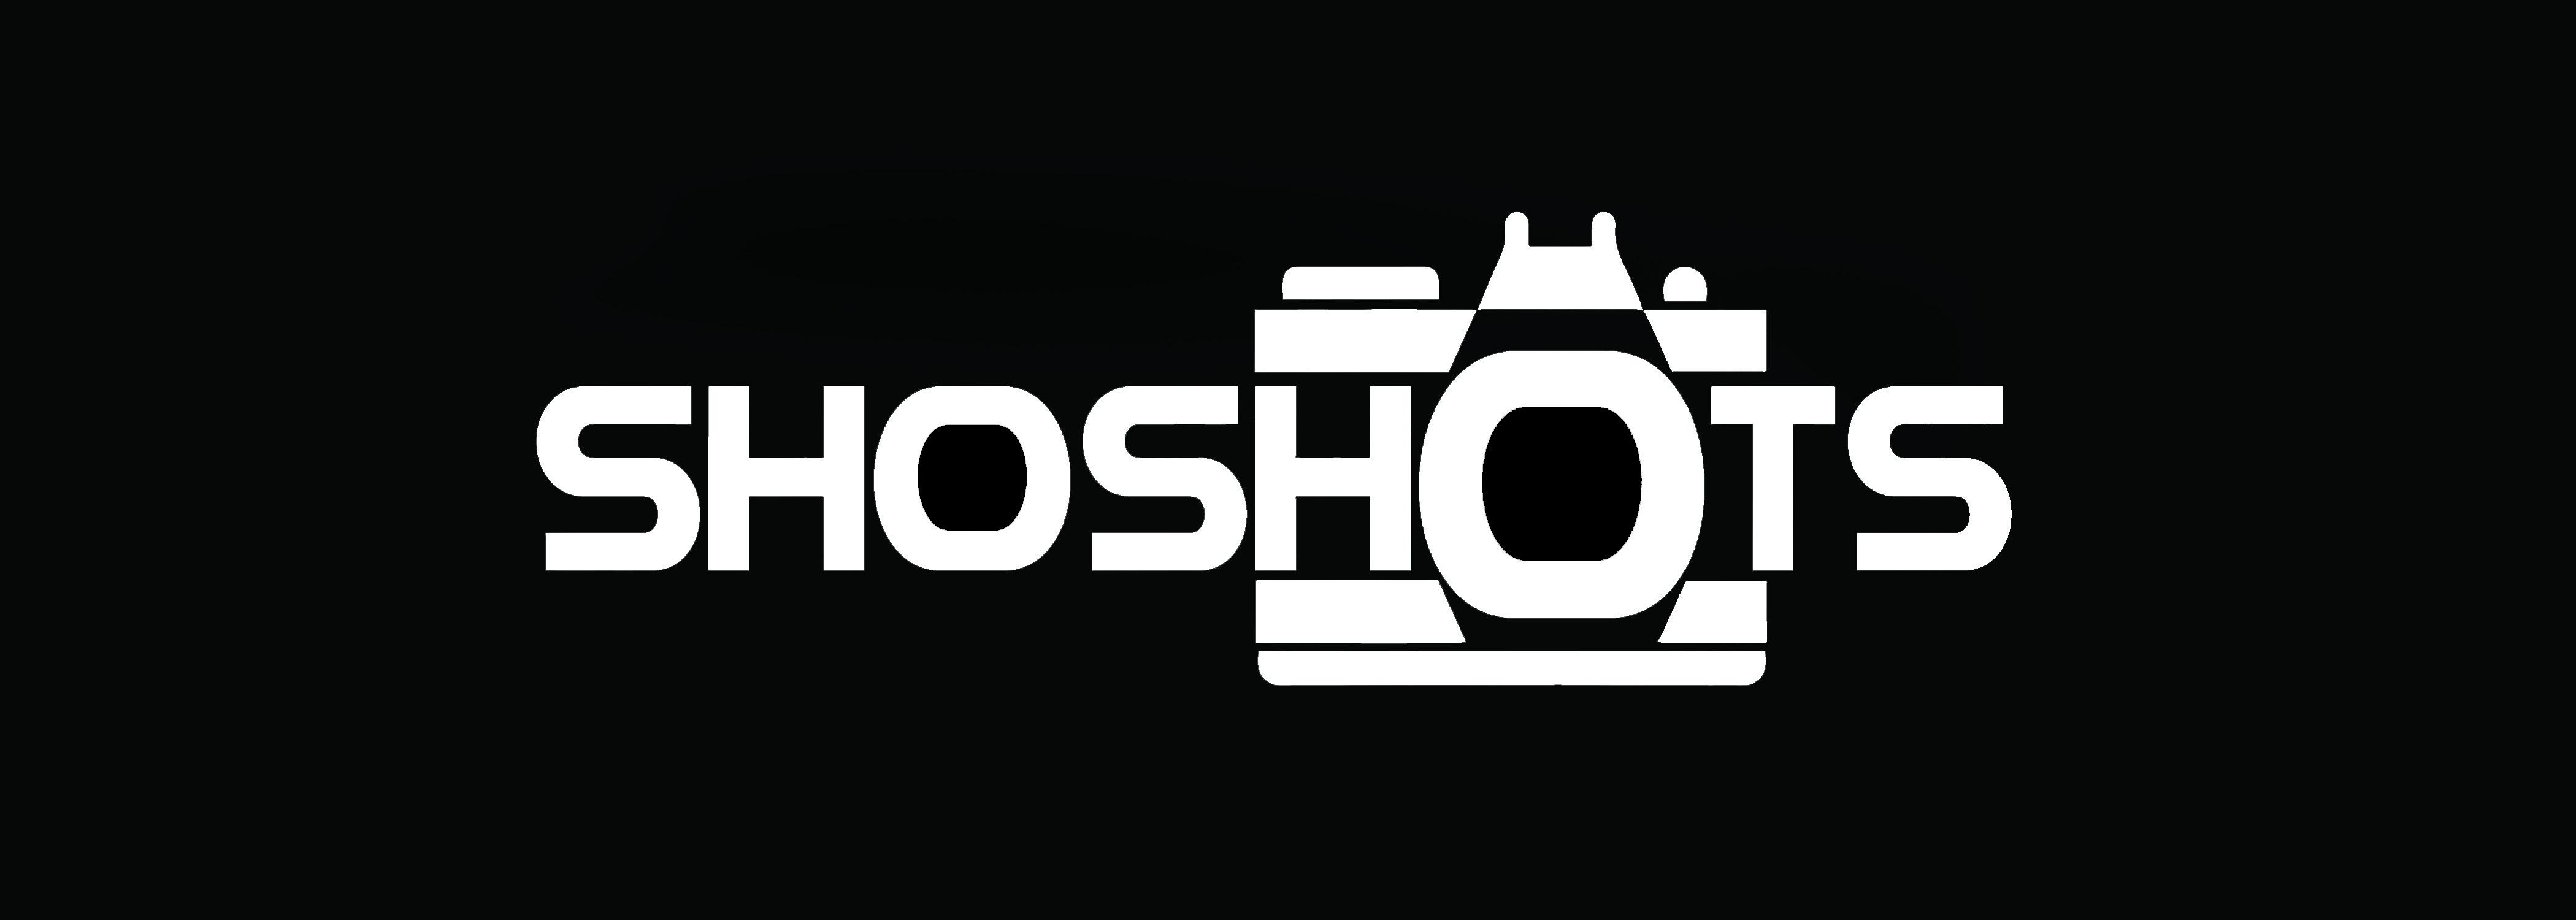 ShoShots.com